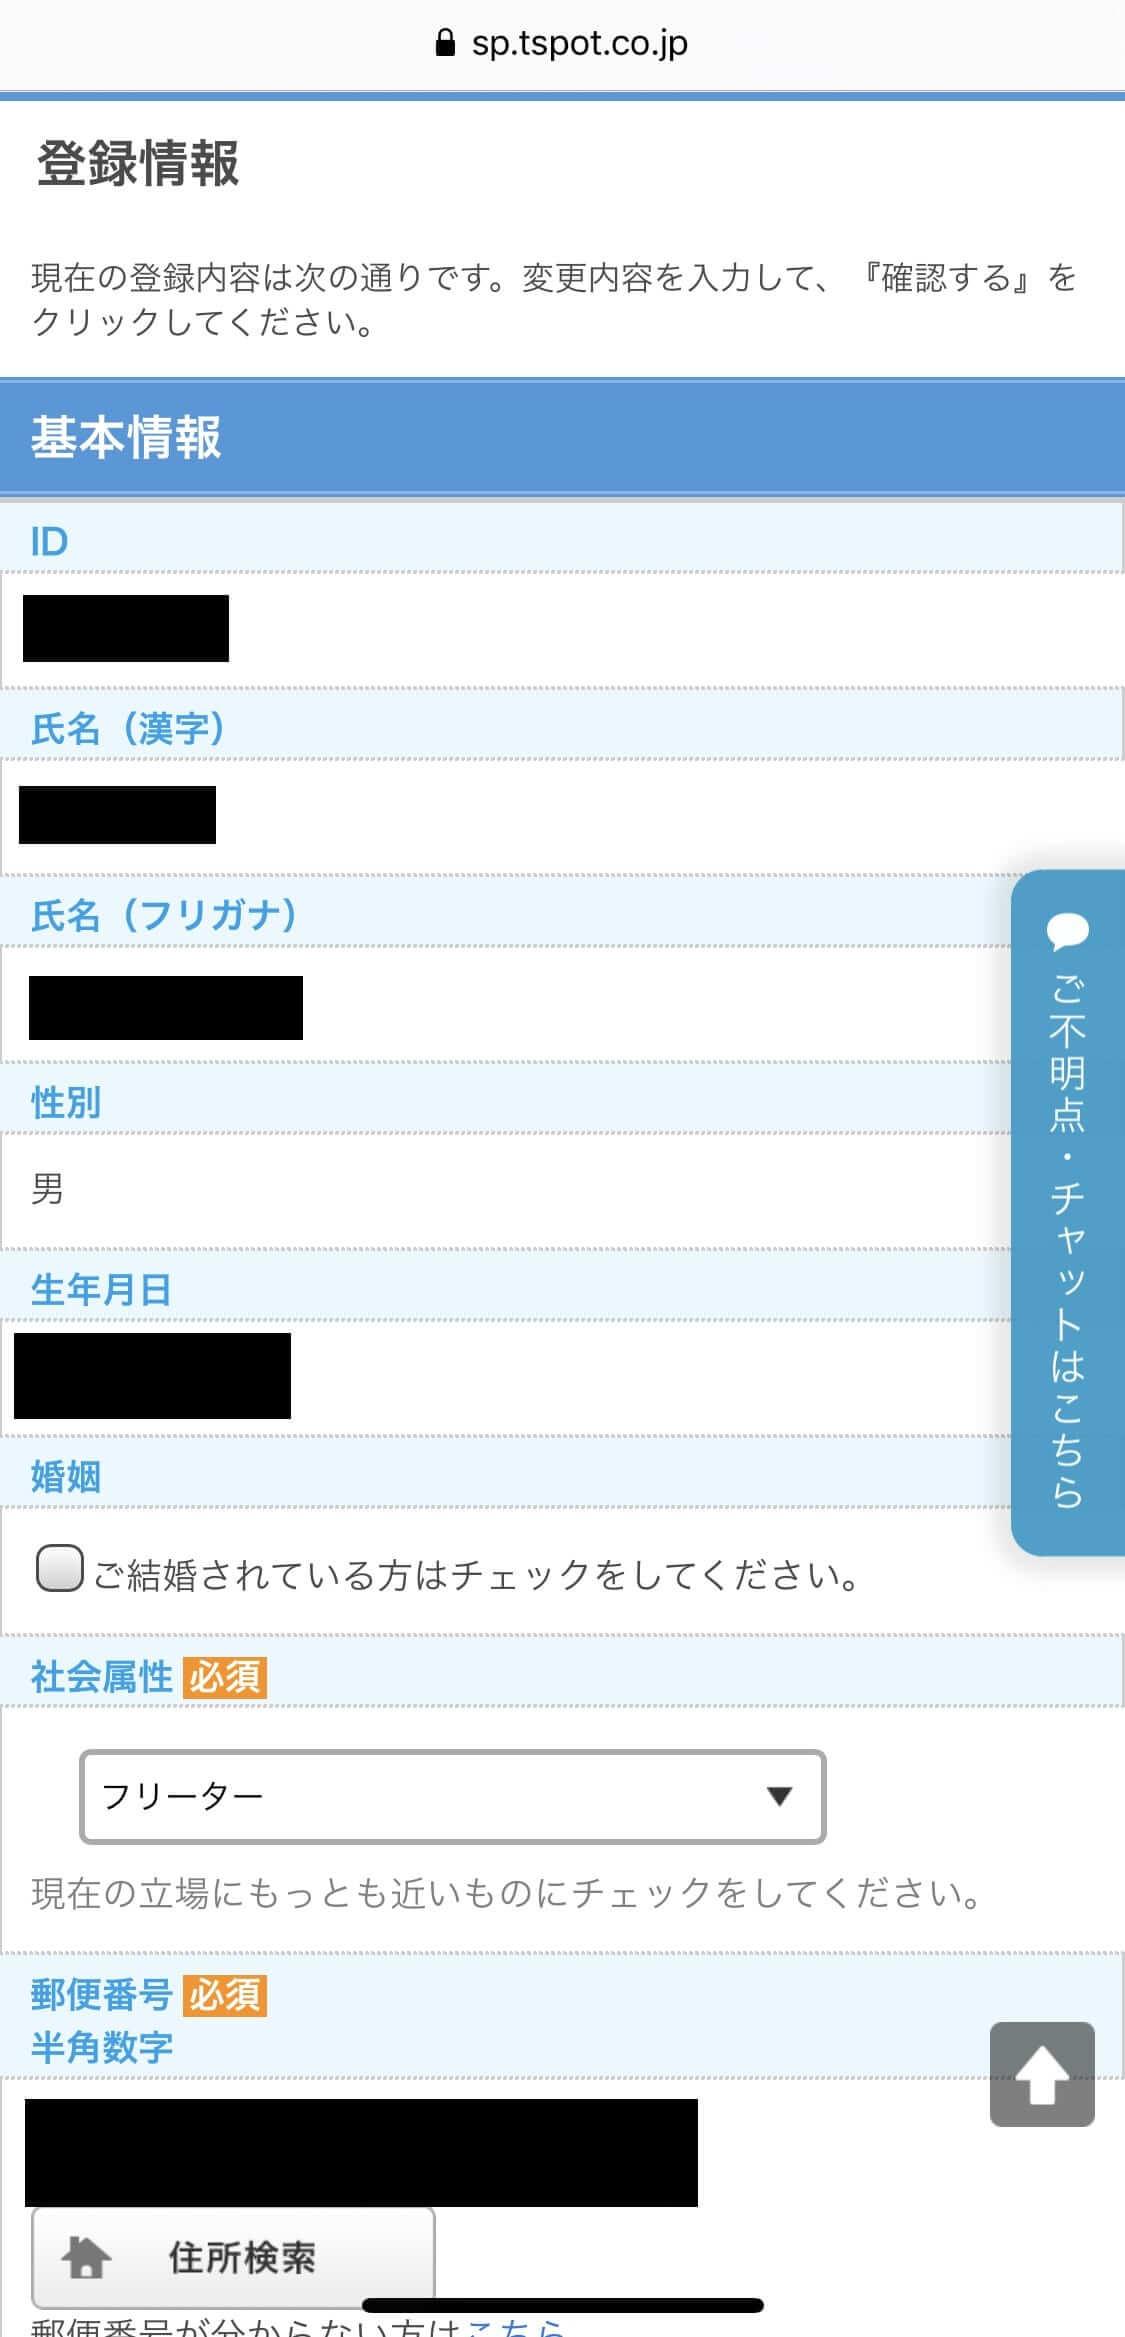 トップスポット WEB登録